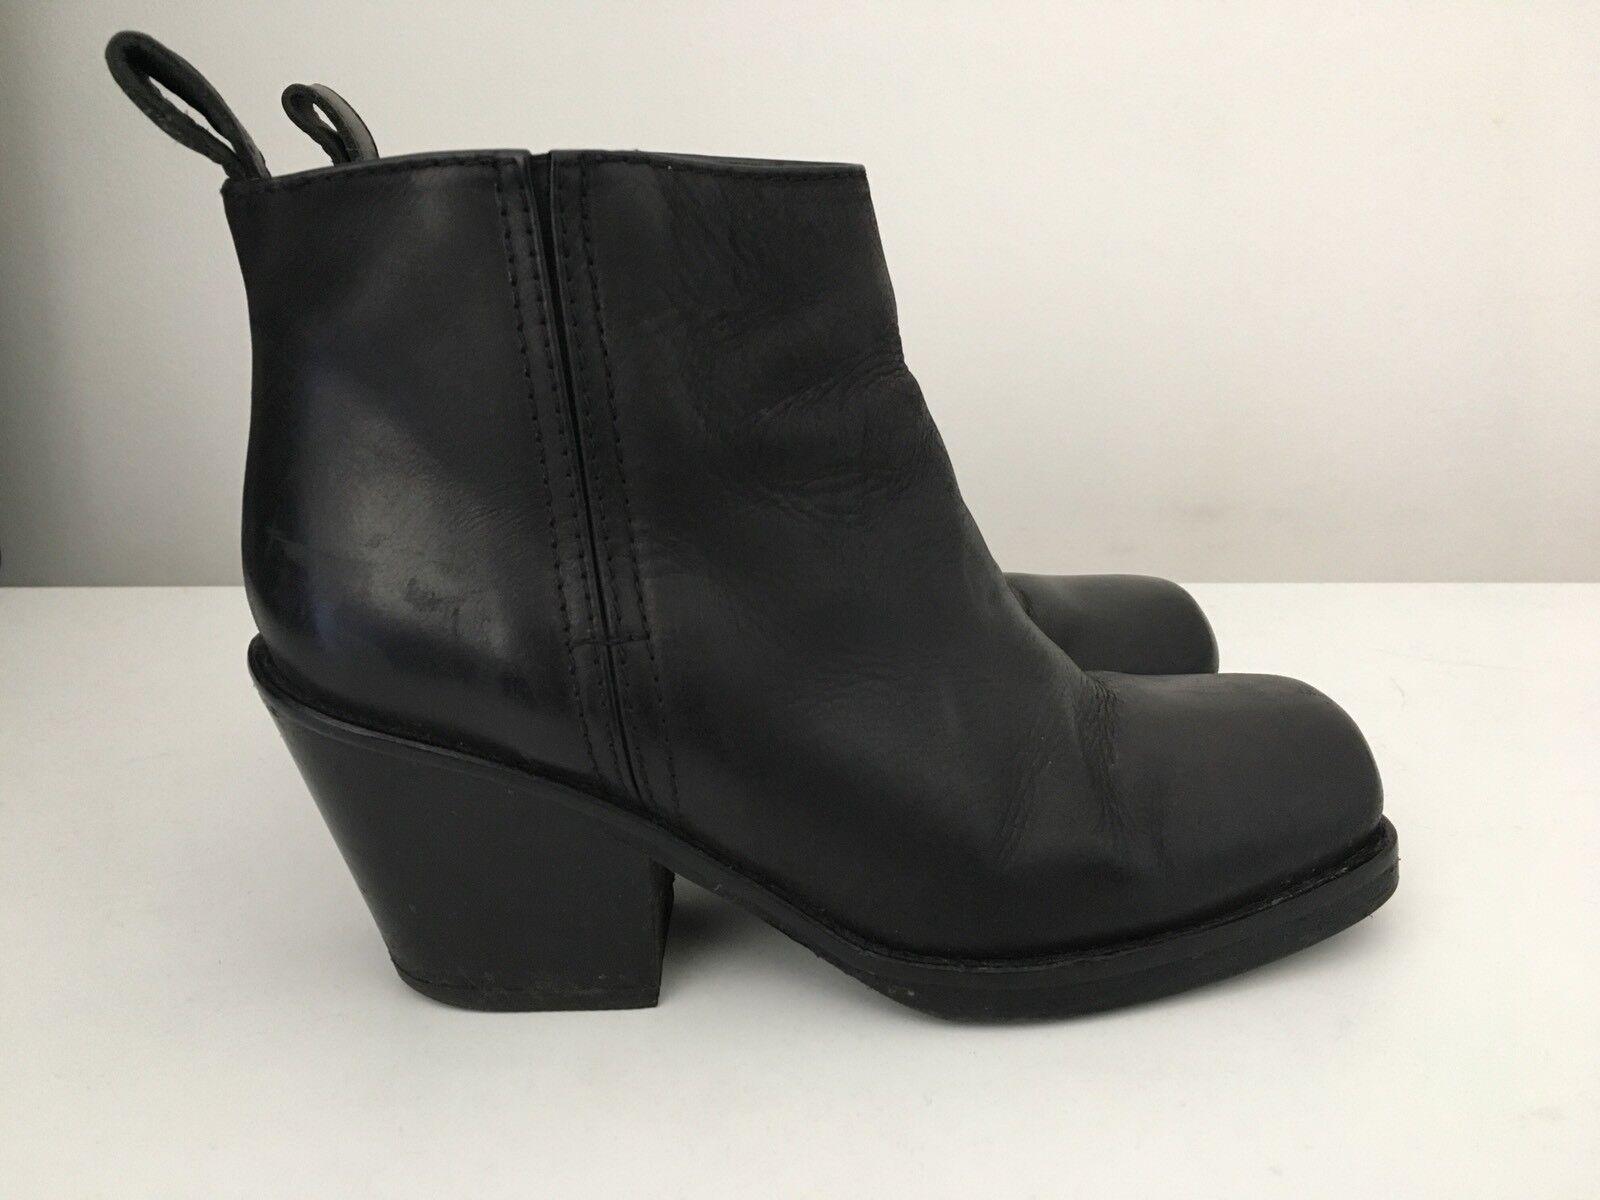 Acne Rider Stiefel 37/4 Günstige und gute Schuhe